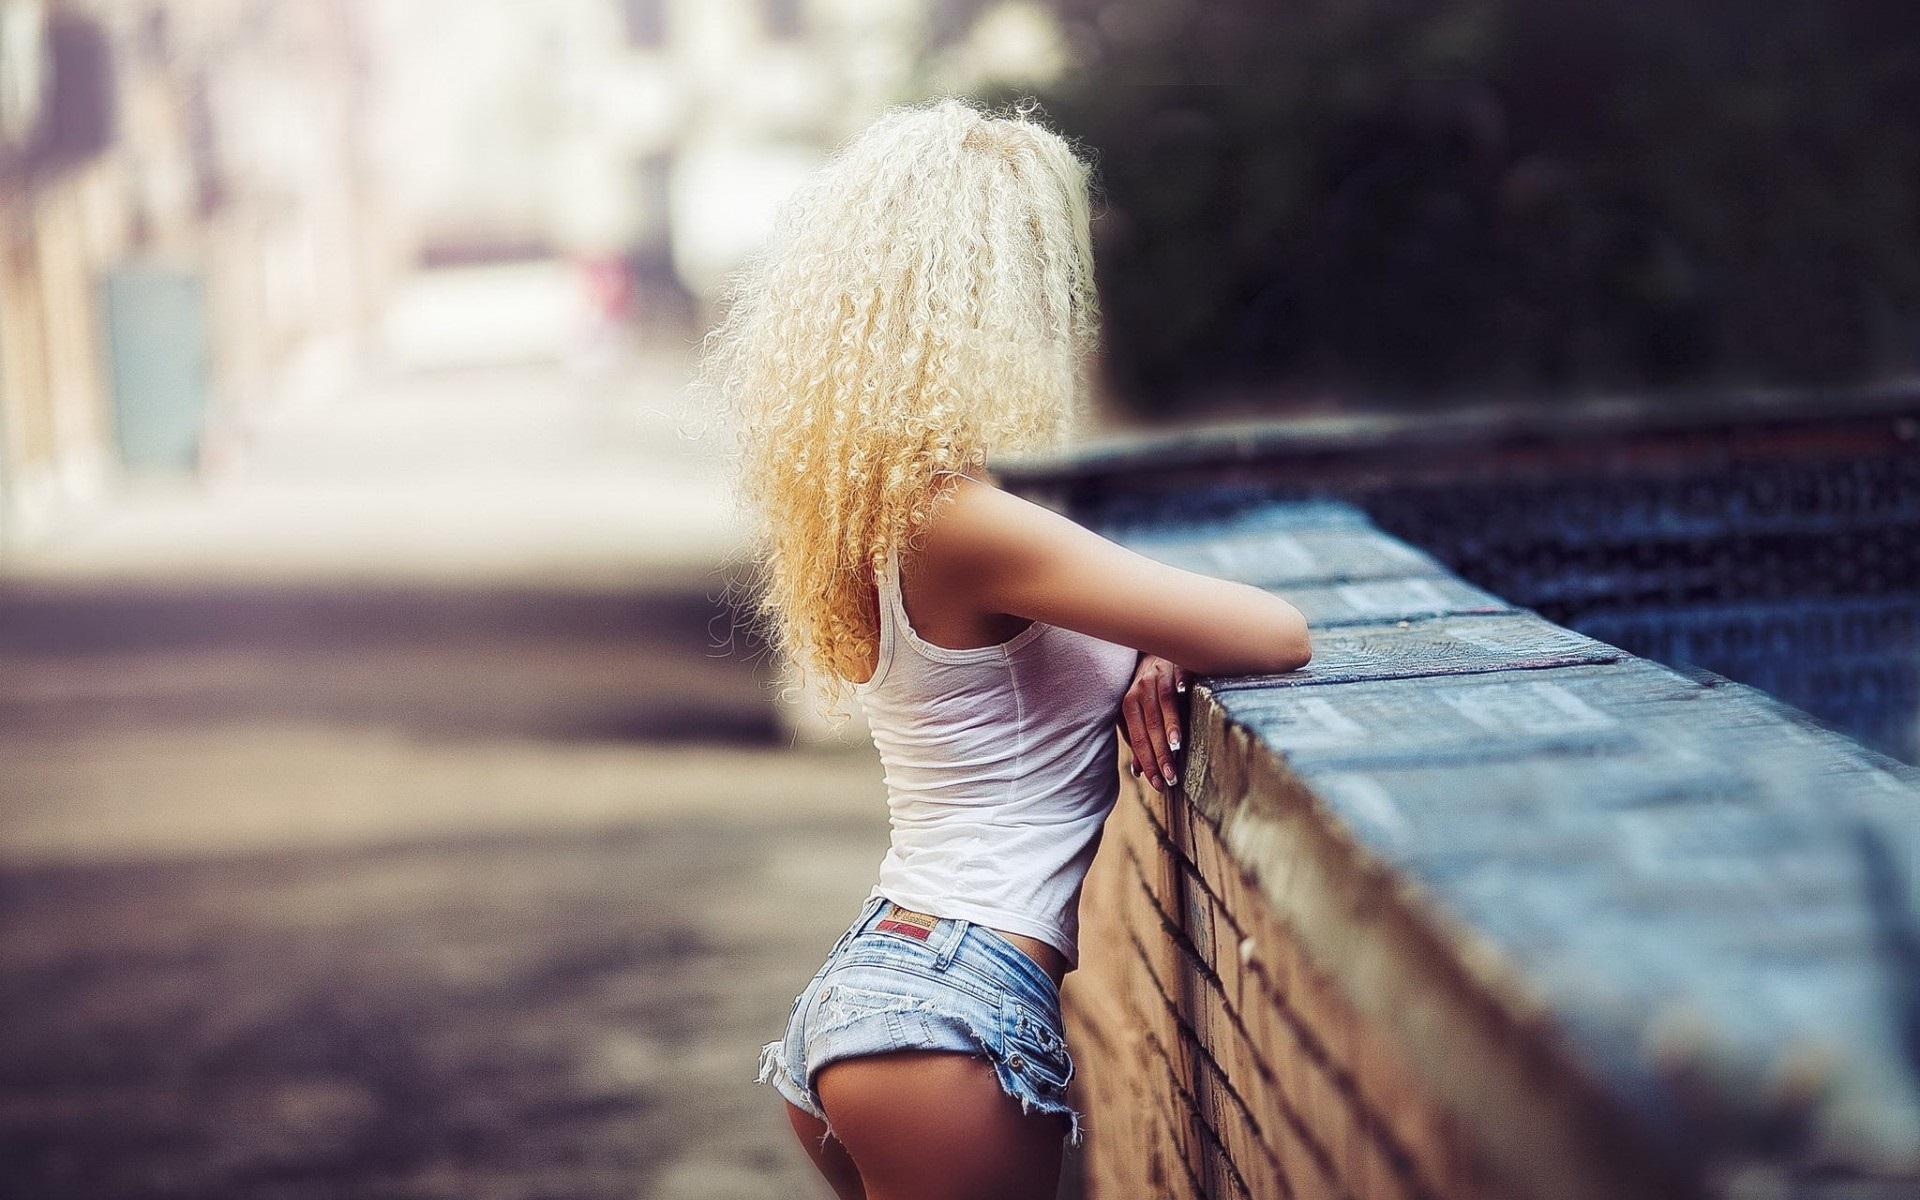 Прикольные картинки на аву для девушек со спины блондинки